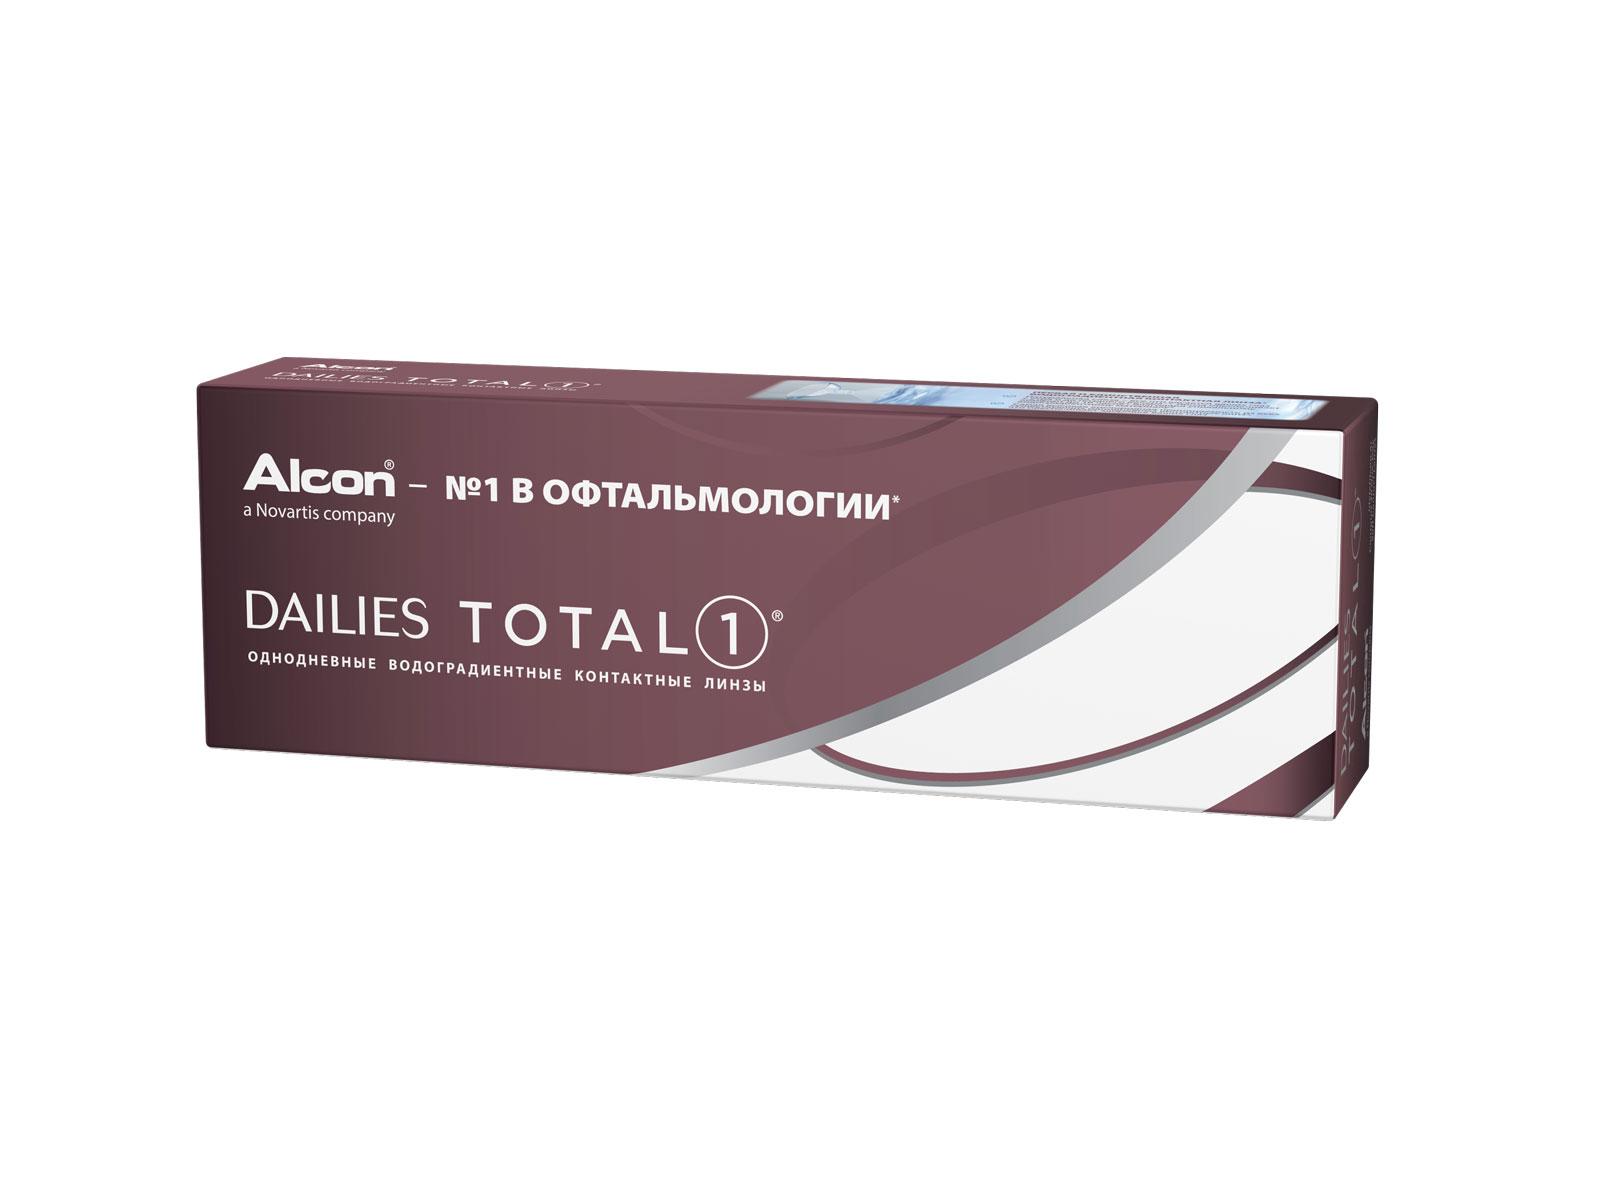 Alcon контактные линзы Dailies Total 1 30pk /-11.50 / 8.5 / 14.1100014522Dailies Total 1 – линзы, которые не чувствуешь с утра и до поздного вечера. Эти однодневные контактные линзы выполнены из уникального водоградиентного материала, багодаря которому натуральная слеза – это все, что касается ваших глаз. Почти 100% влаги на поверхности обеспечивают непревзойденный комфорт до 16 часов ношения.